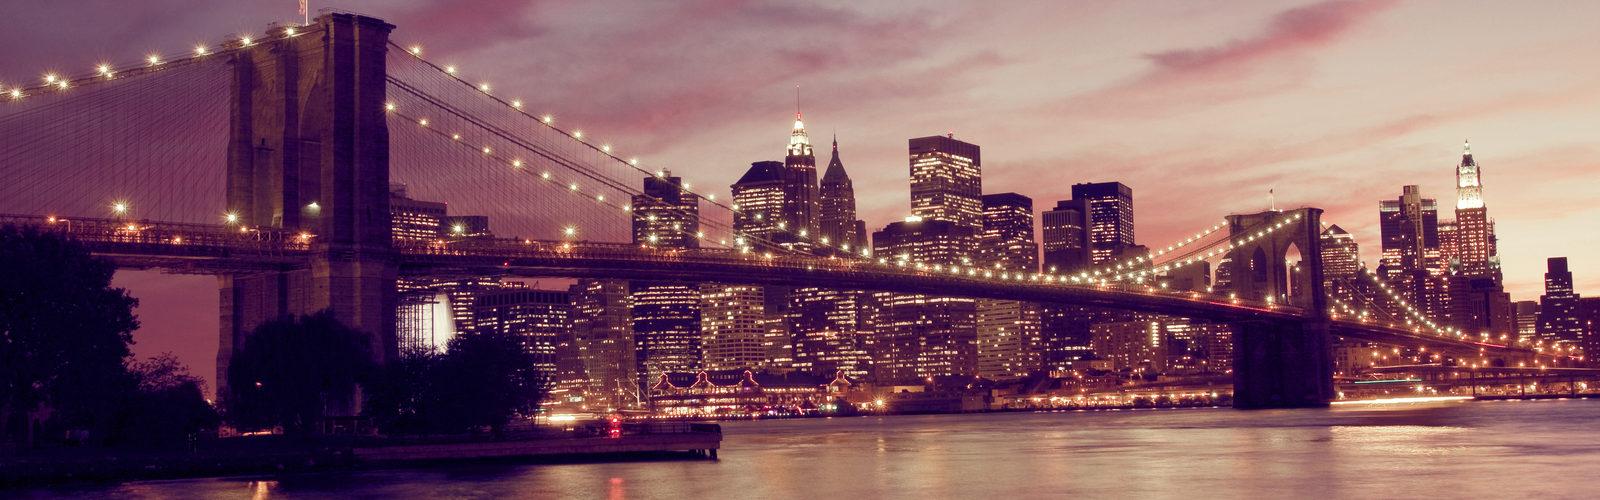 [차량투어] 뉴욕 야경 투어 image